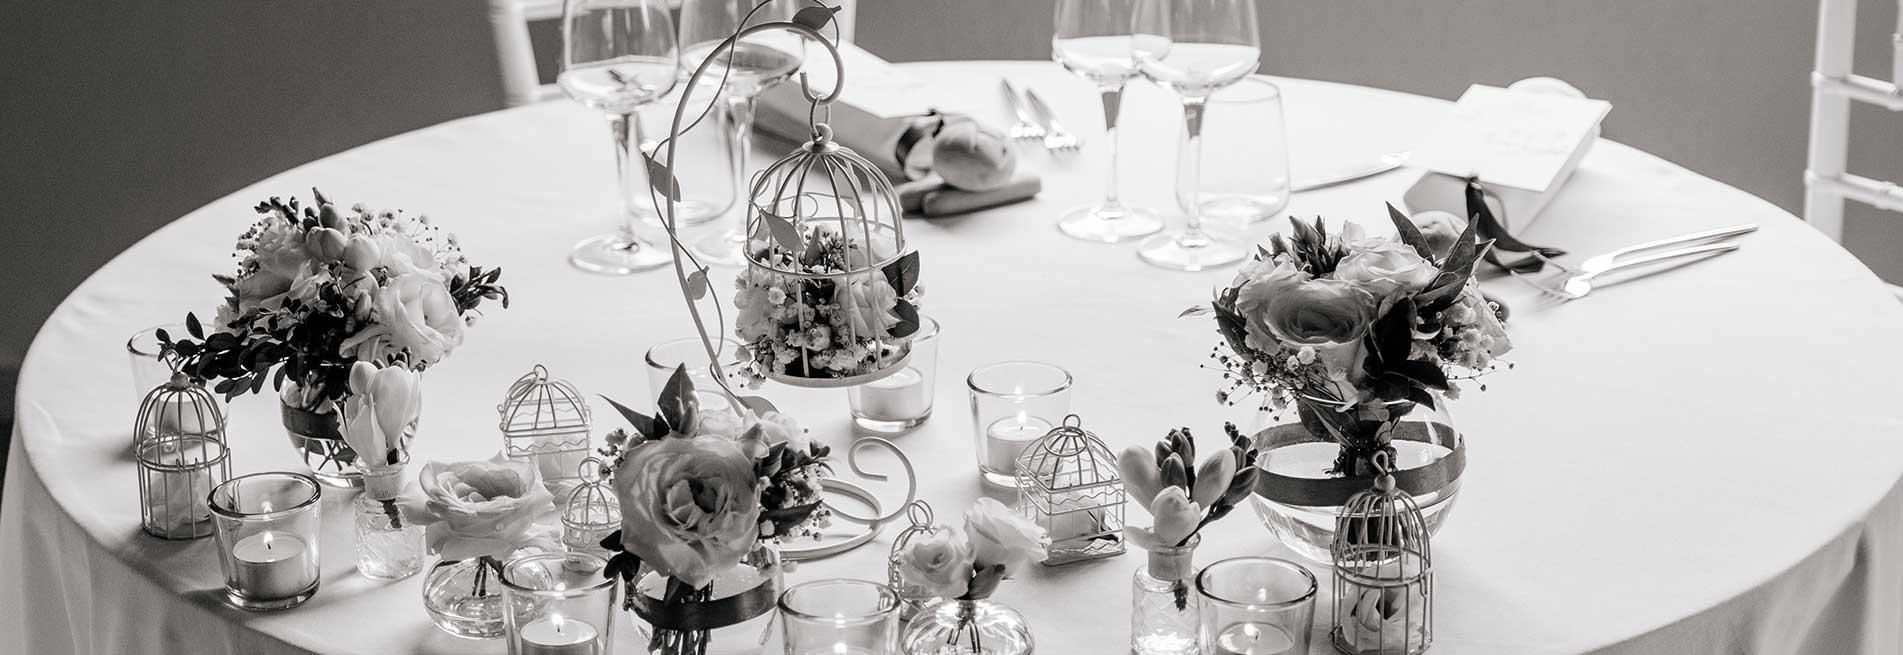 servizio catering per matrimoni. Allestimenti catering e banqueting per matrimonio e eventi privati a Torino .